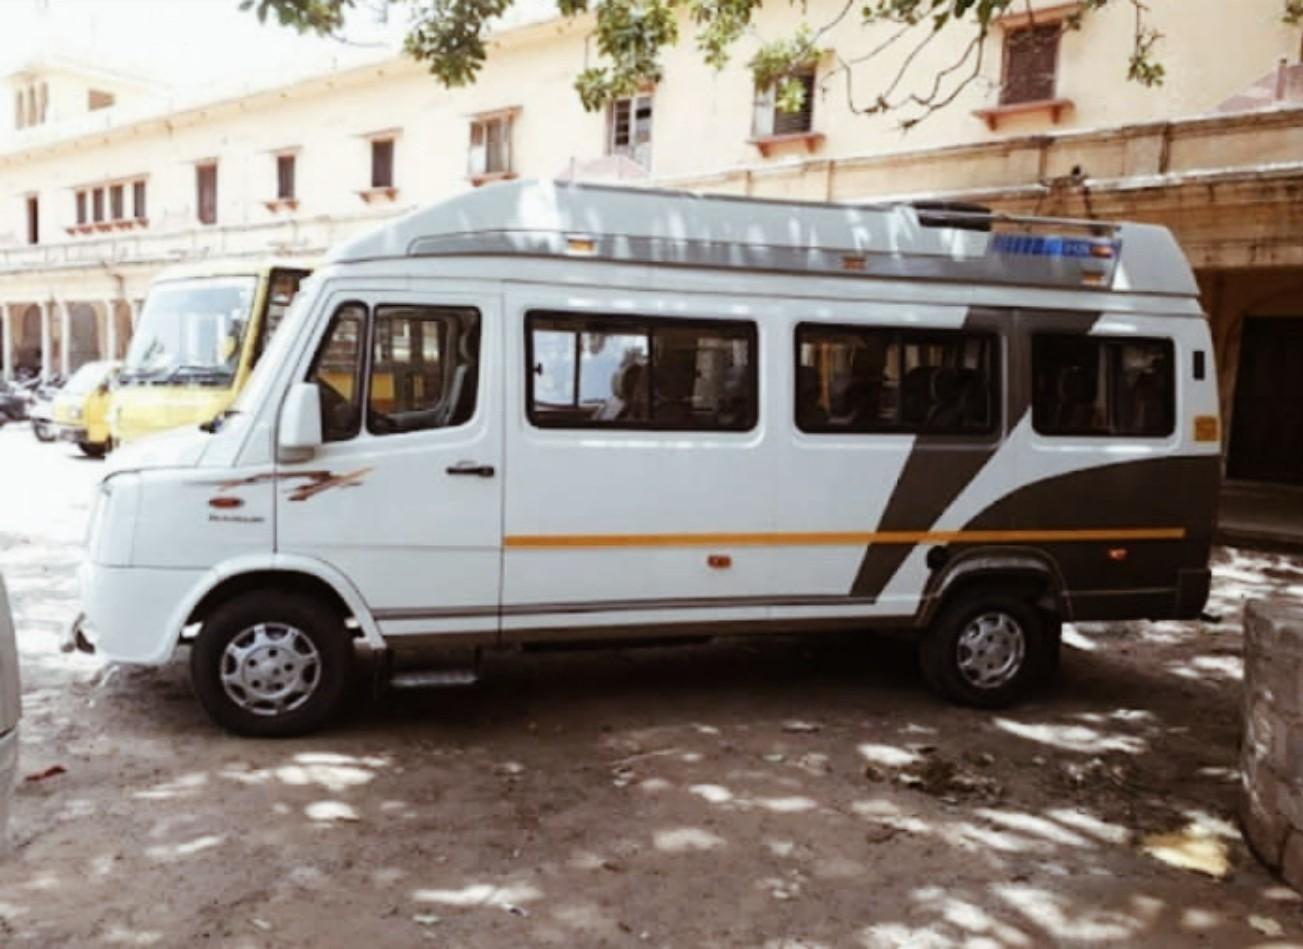 sewa mobil van di india